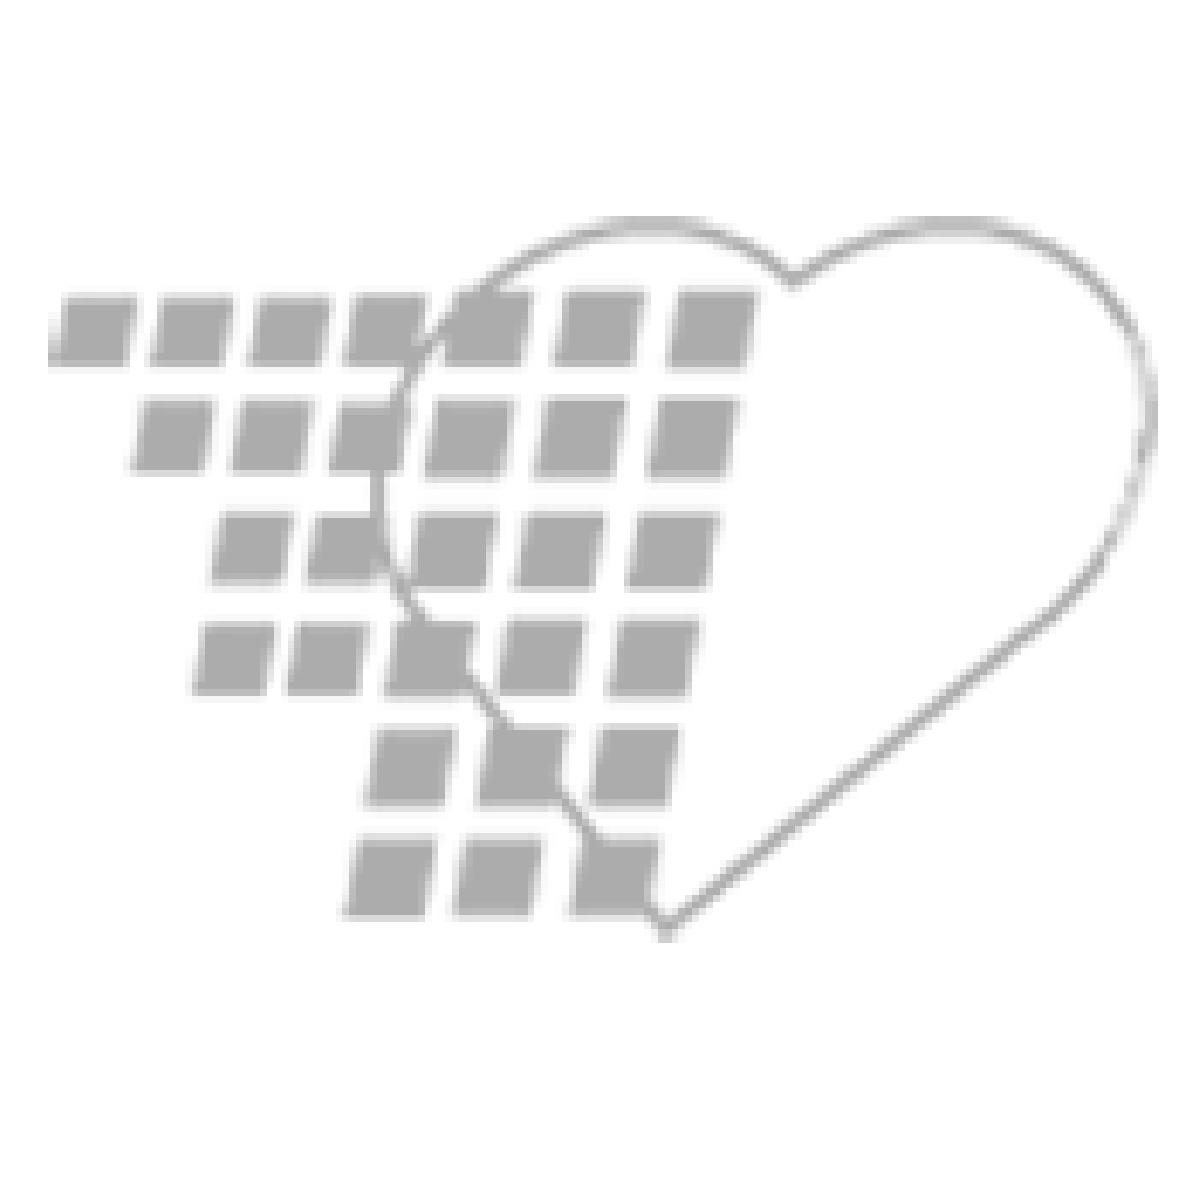 06-82-4262 Piston Syringe Catheter Tip Sterile